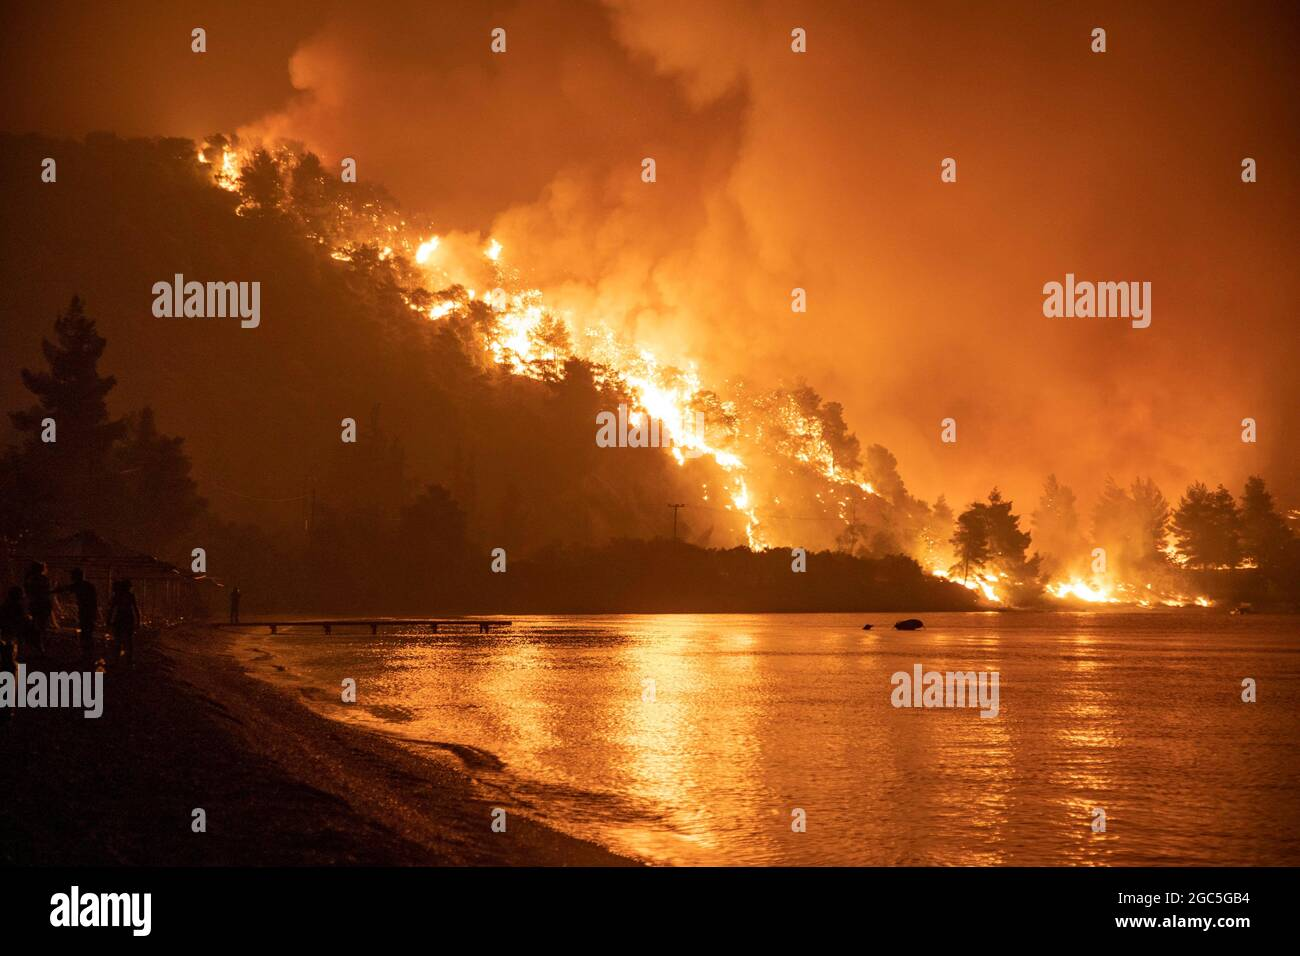 Le fiamme si innalzano come un fuoco selvatico brucia nel villaggio di Limni, sull'isola di Evia, Grecia, 6 agosto 2021. Foto scattata il 6 agosto 2021. REUTERS/Nicolas Economou Foto Stock